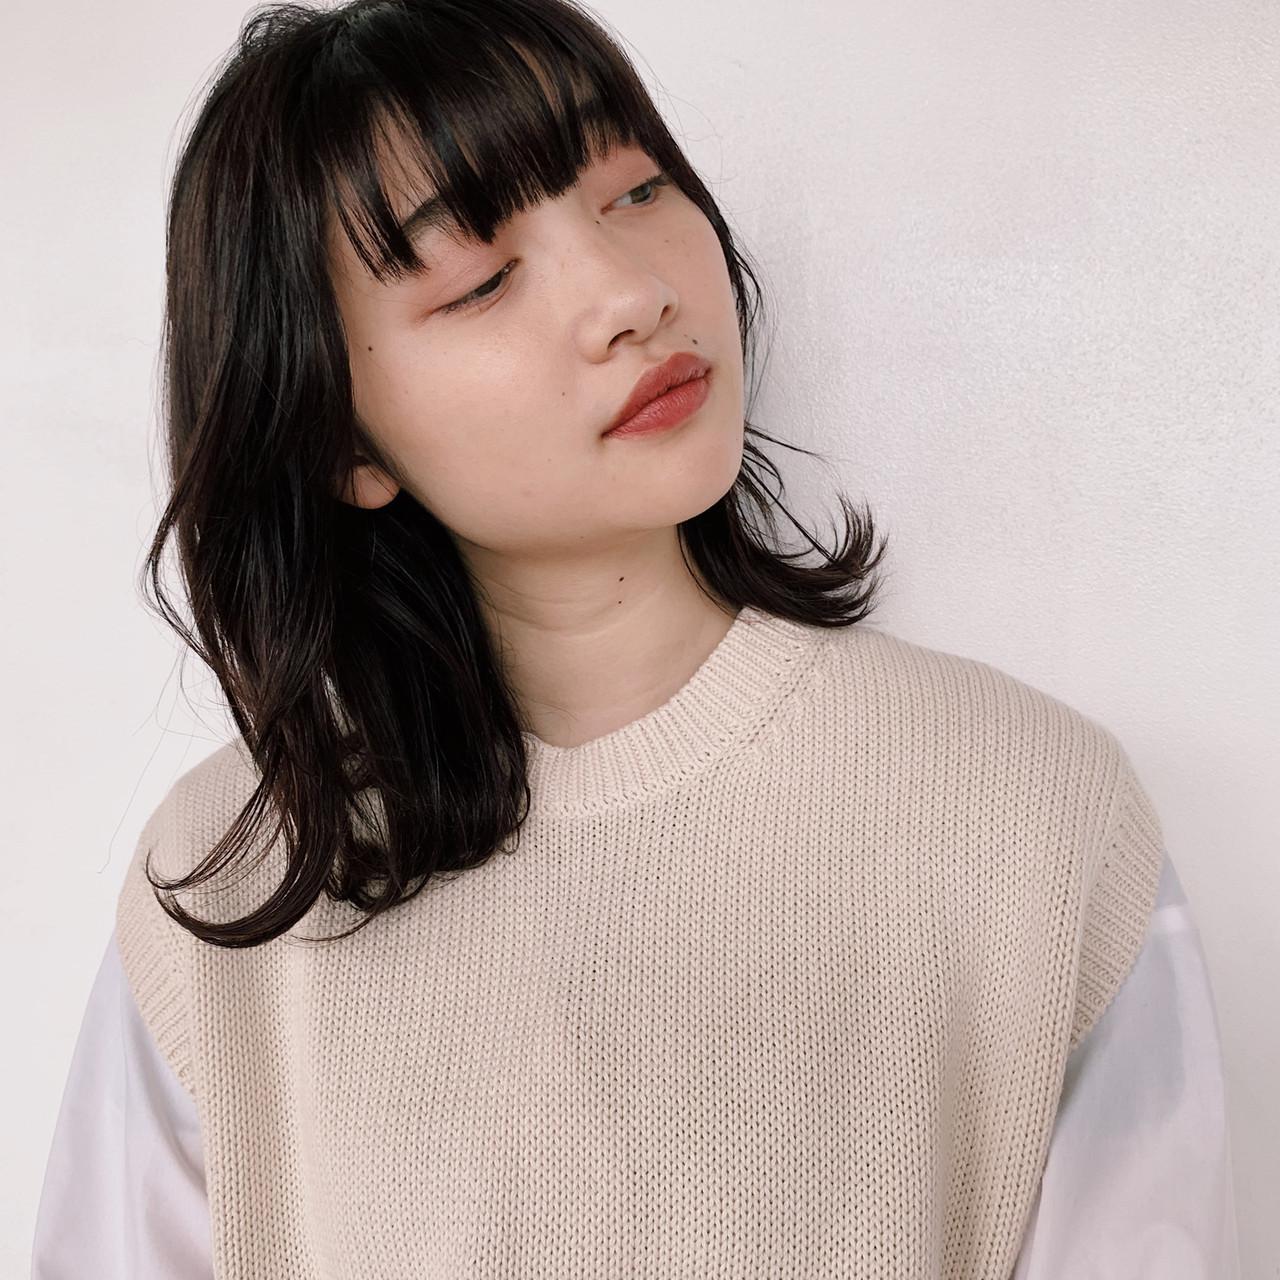 ピュア 成人式 暗髪 コンサバ ヘアスタイルや髪型の写真・画像